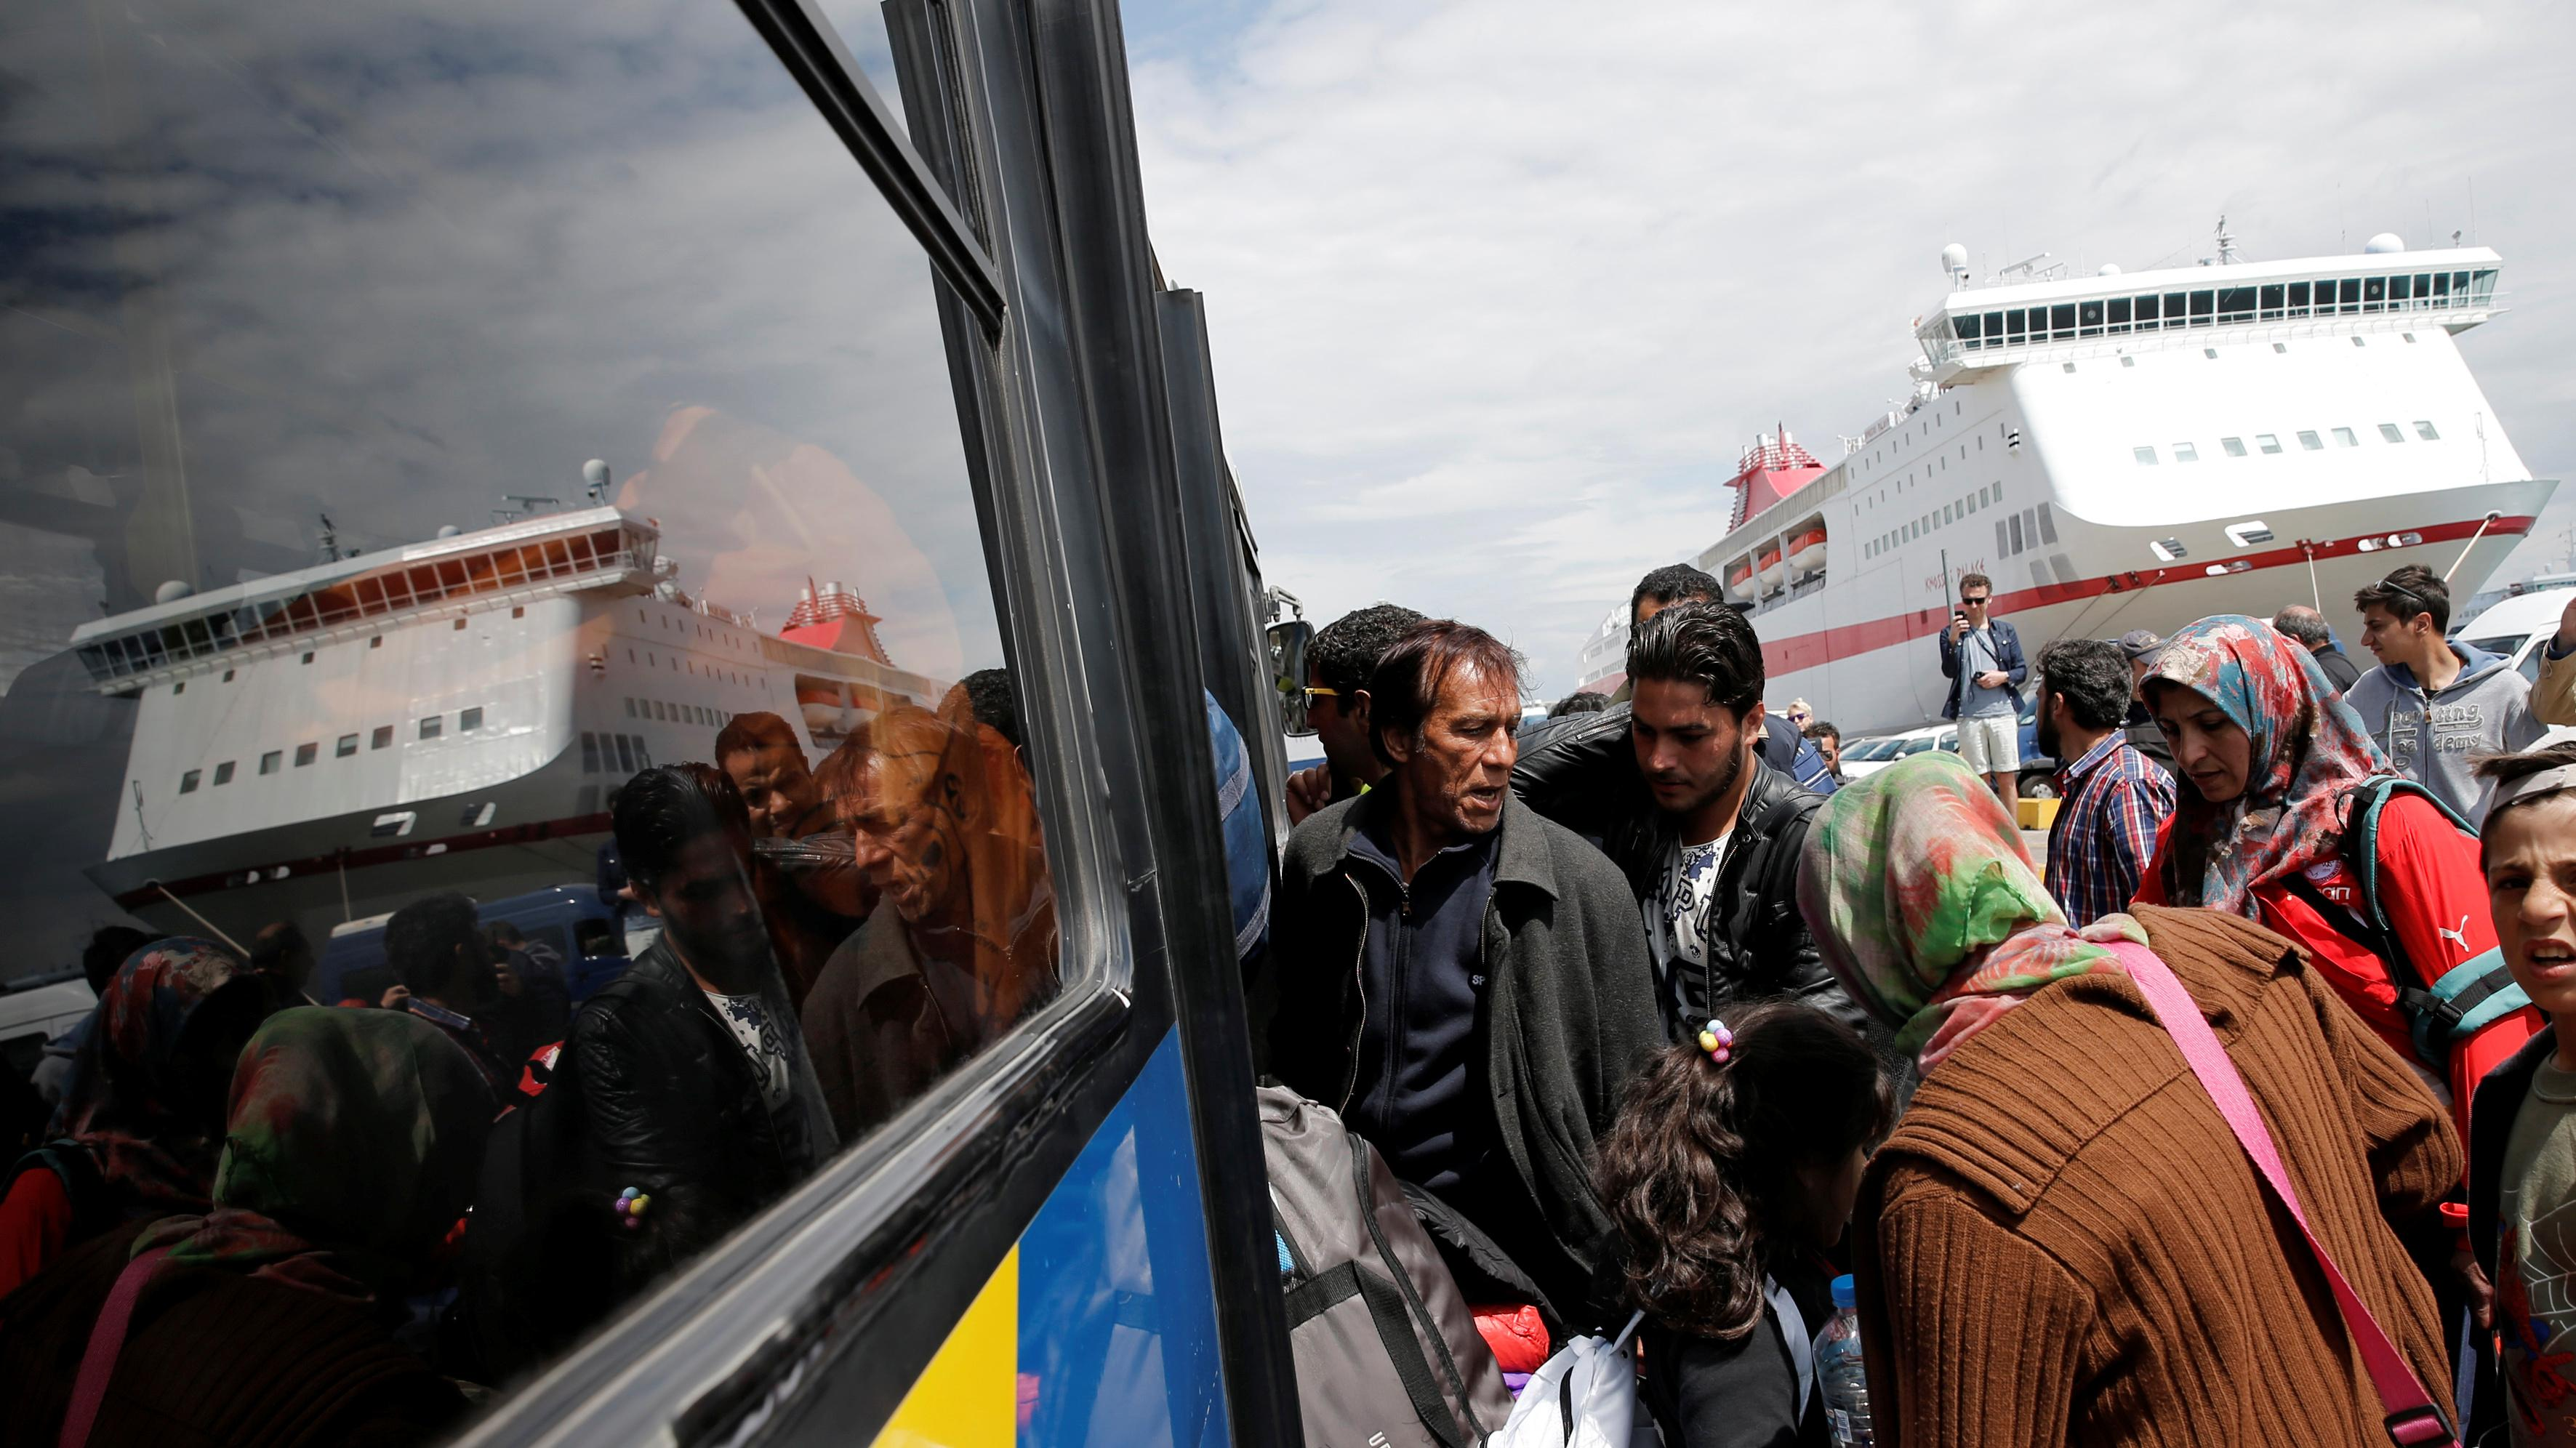 EuGH-Anwalt fordert humanitäre Visa für Flüchtlinge